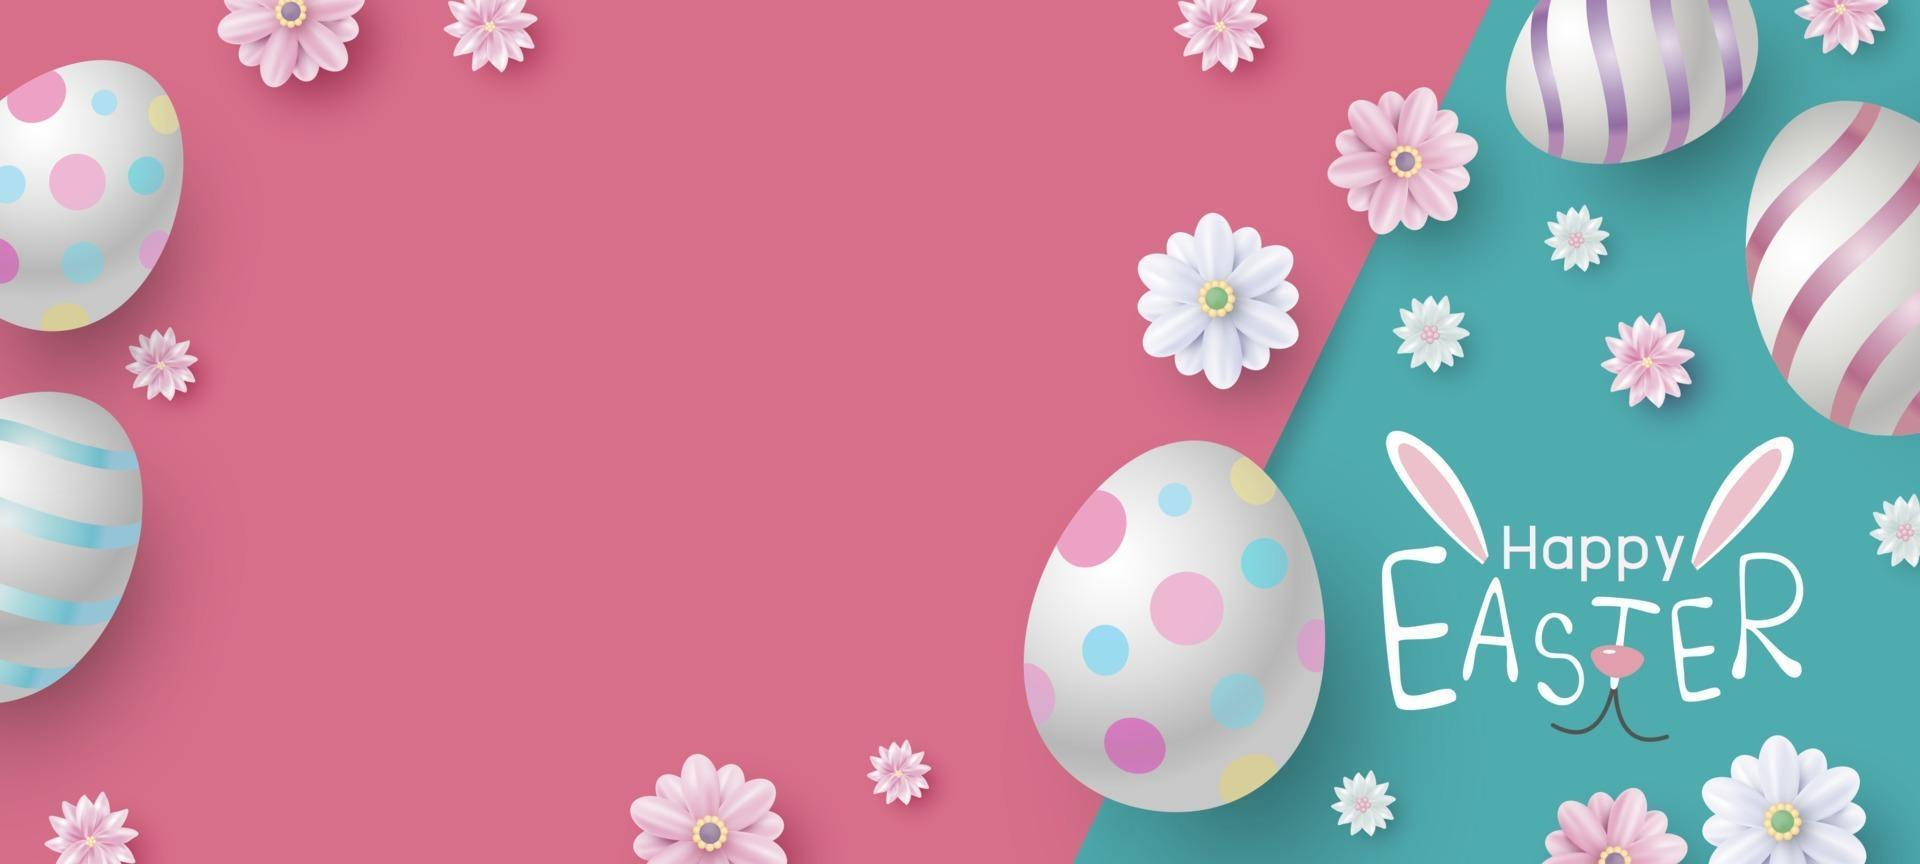 conception de bannière de Pâques d'oeufs et de fleurs sur illustration vectorielle papier couleur vecteur